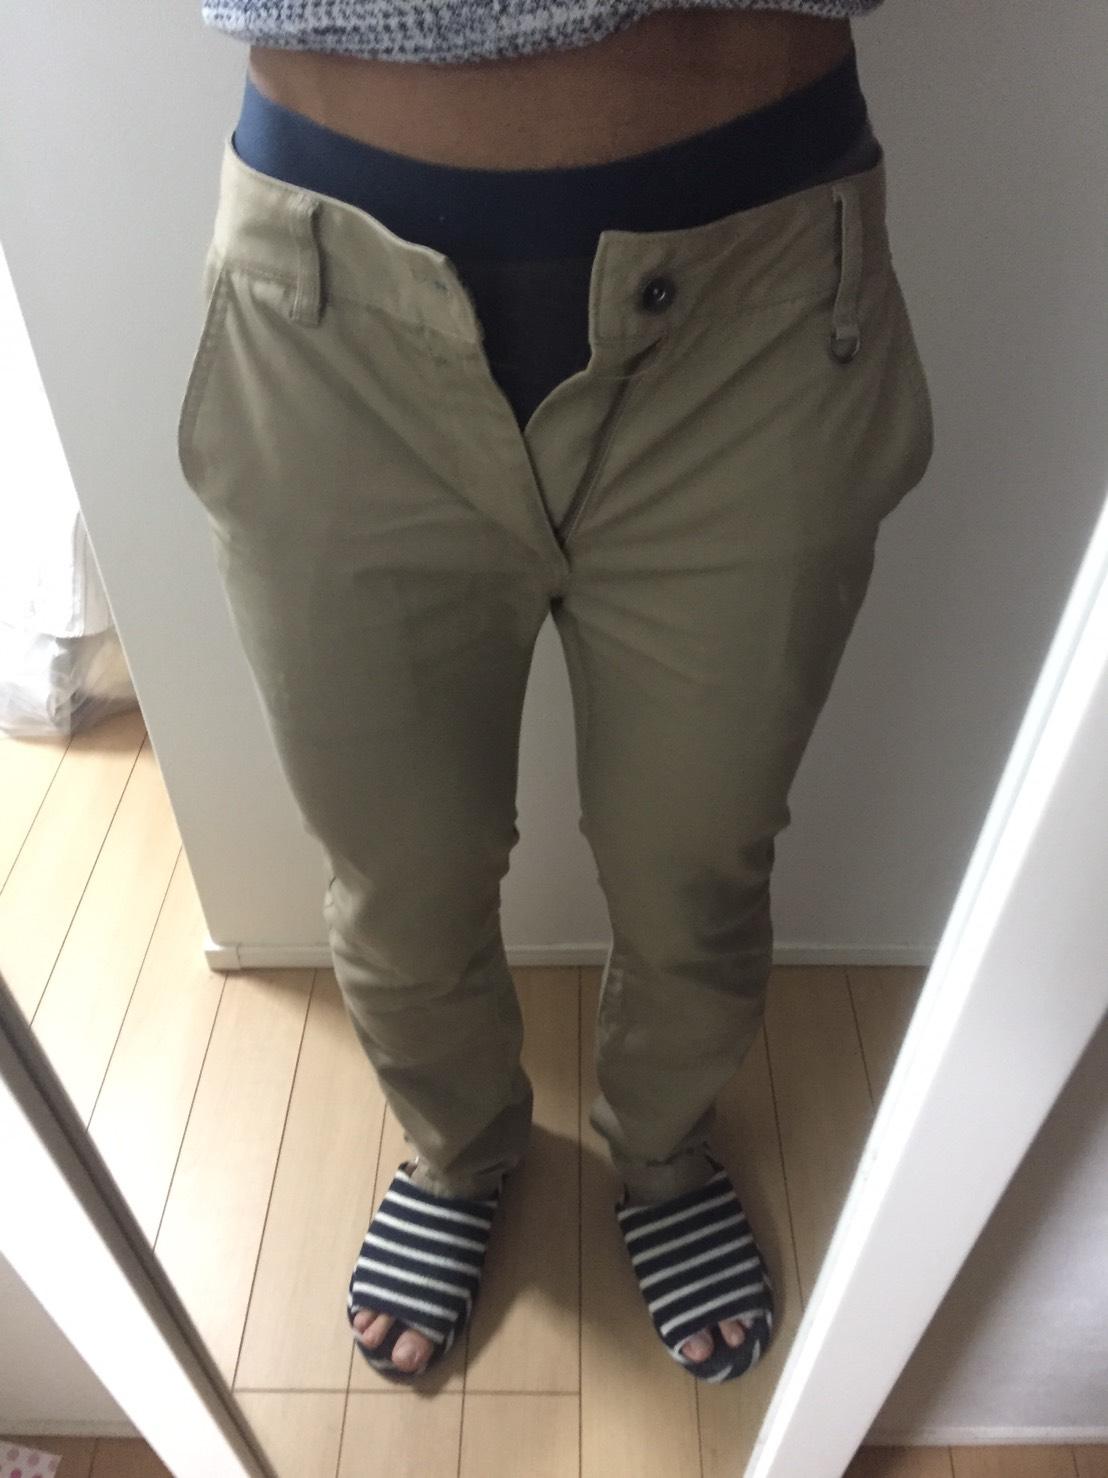 ズボンが入らない様子